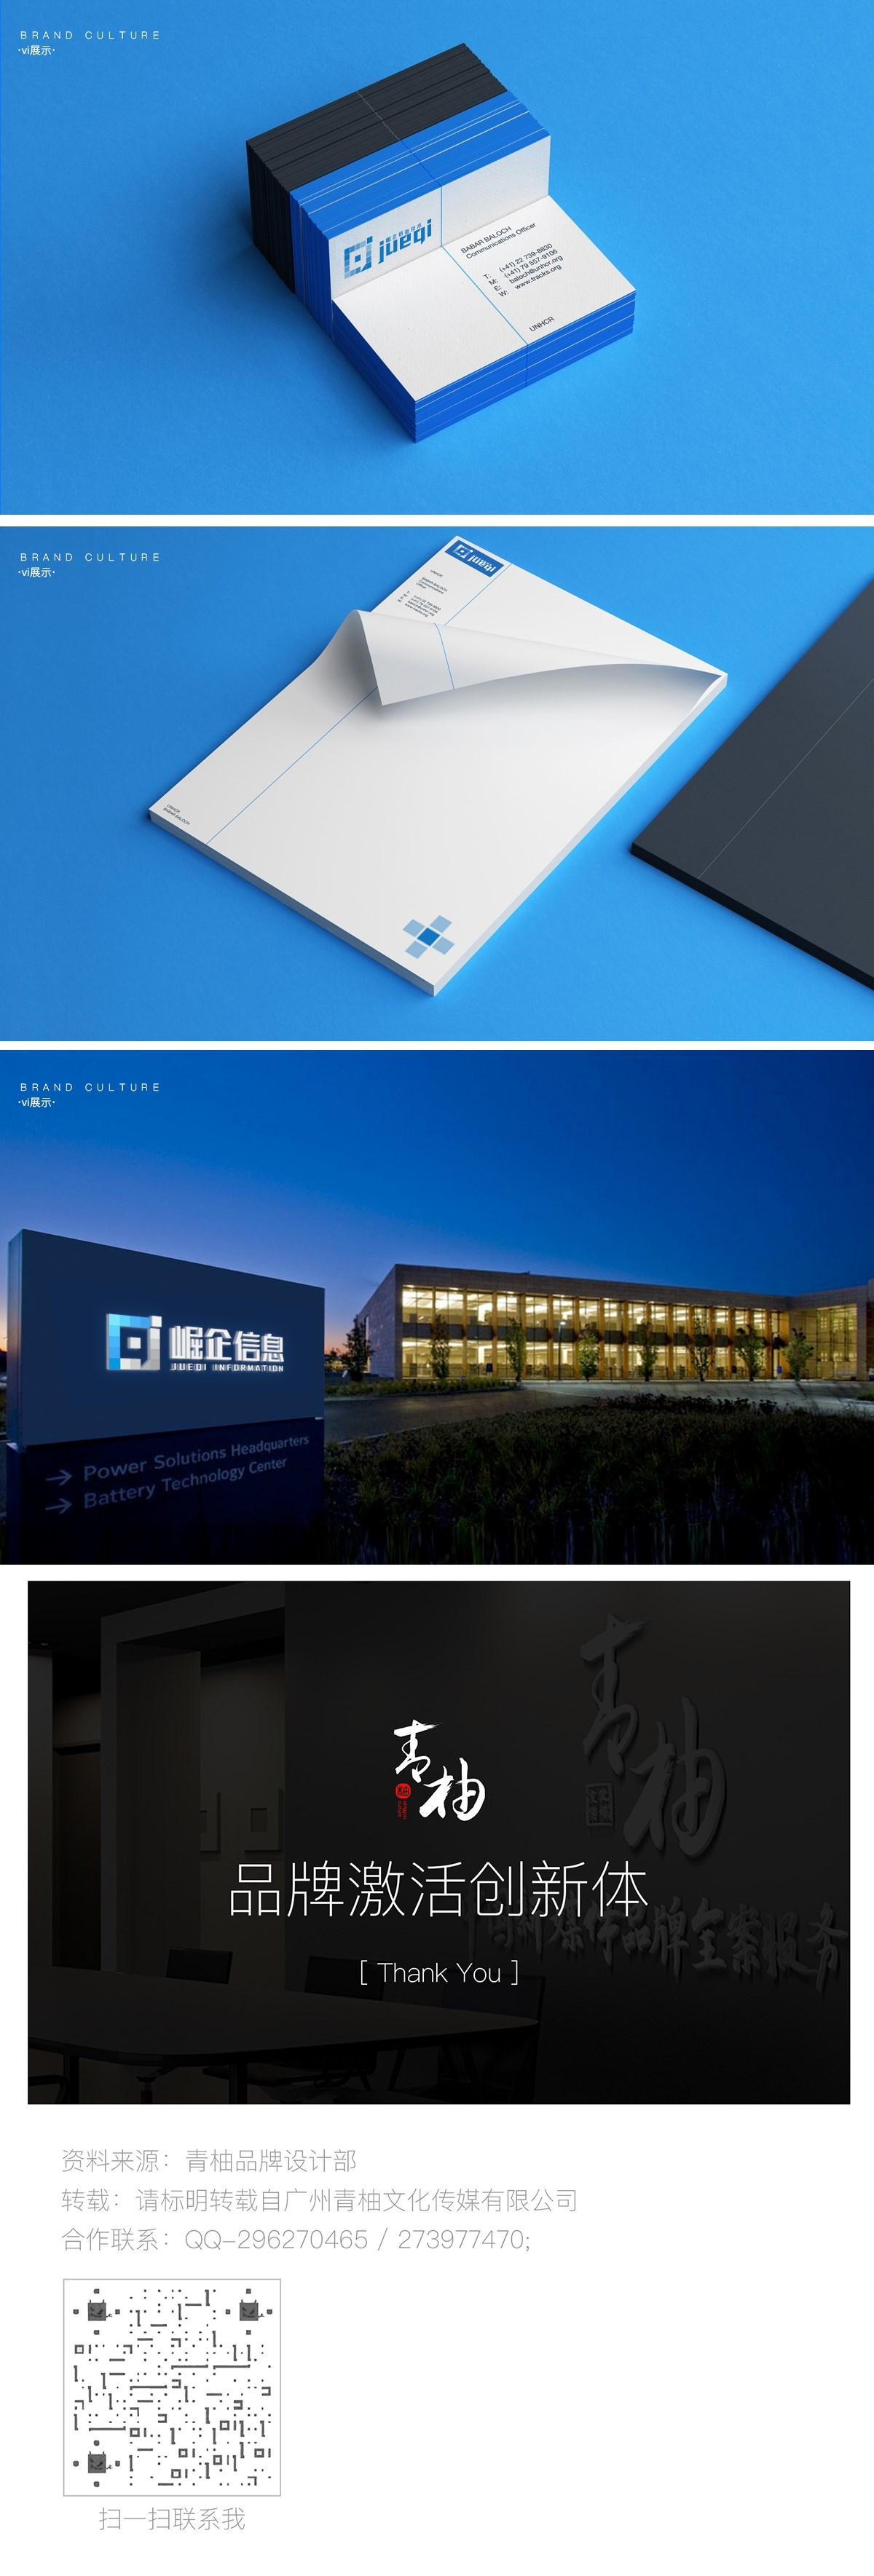 互联网科技公司logo设计 商标设计